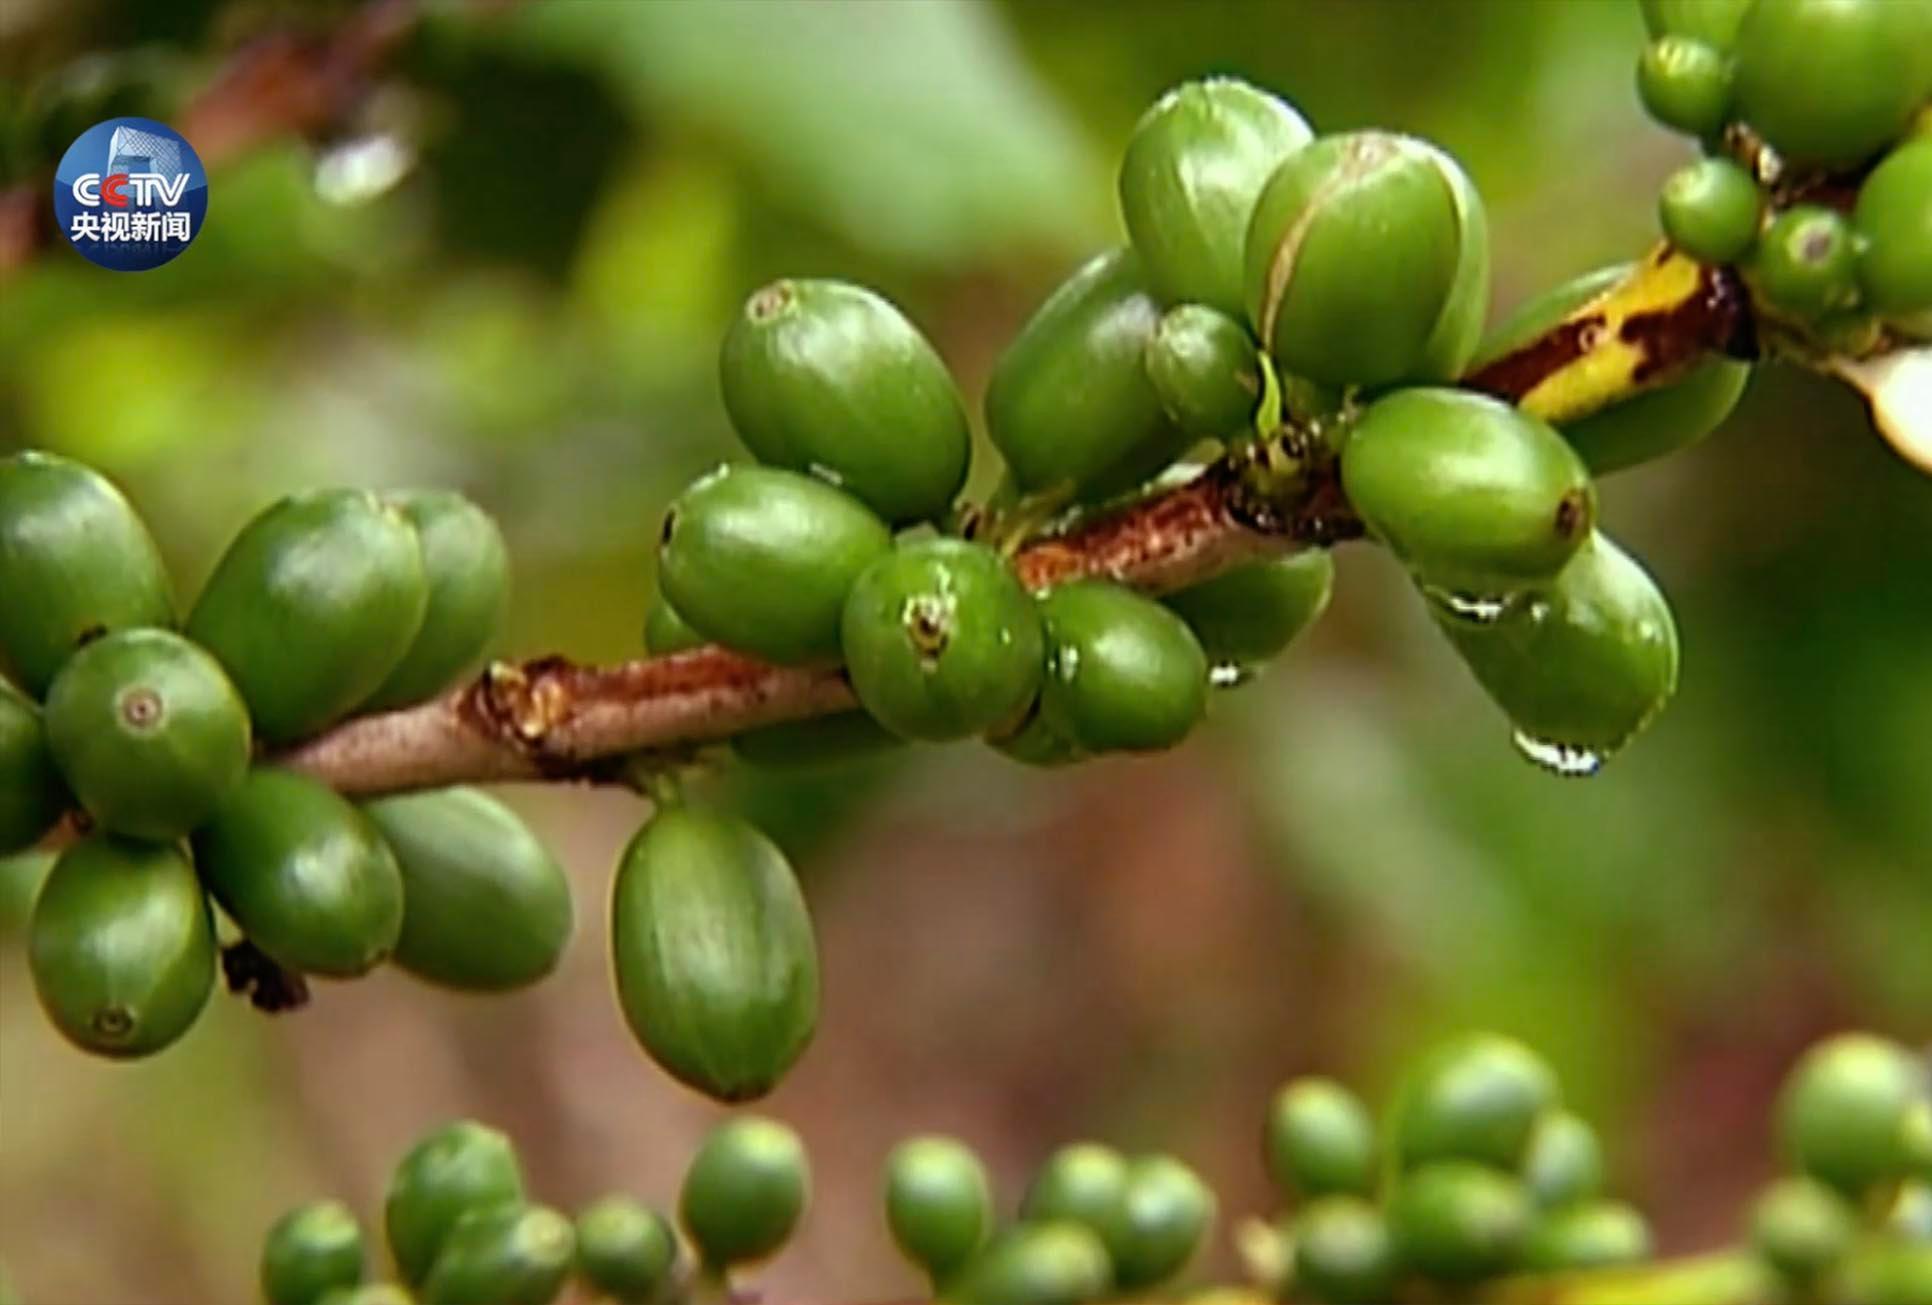 哥斯达黎加咖啡种植园种植的咖啡豆